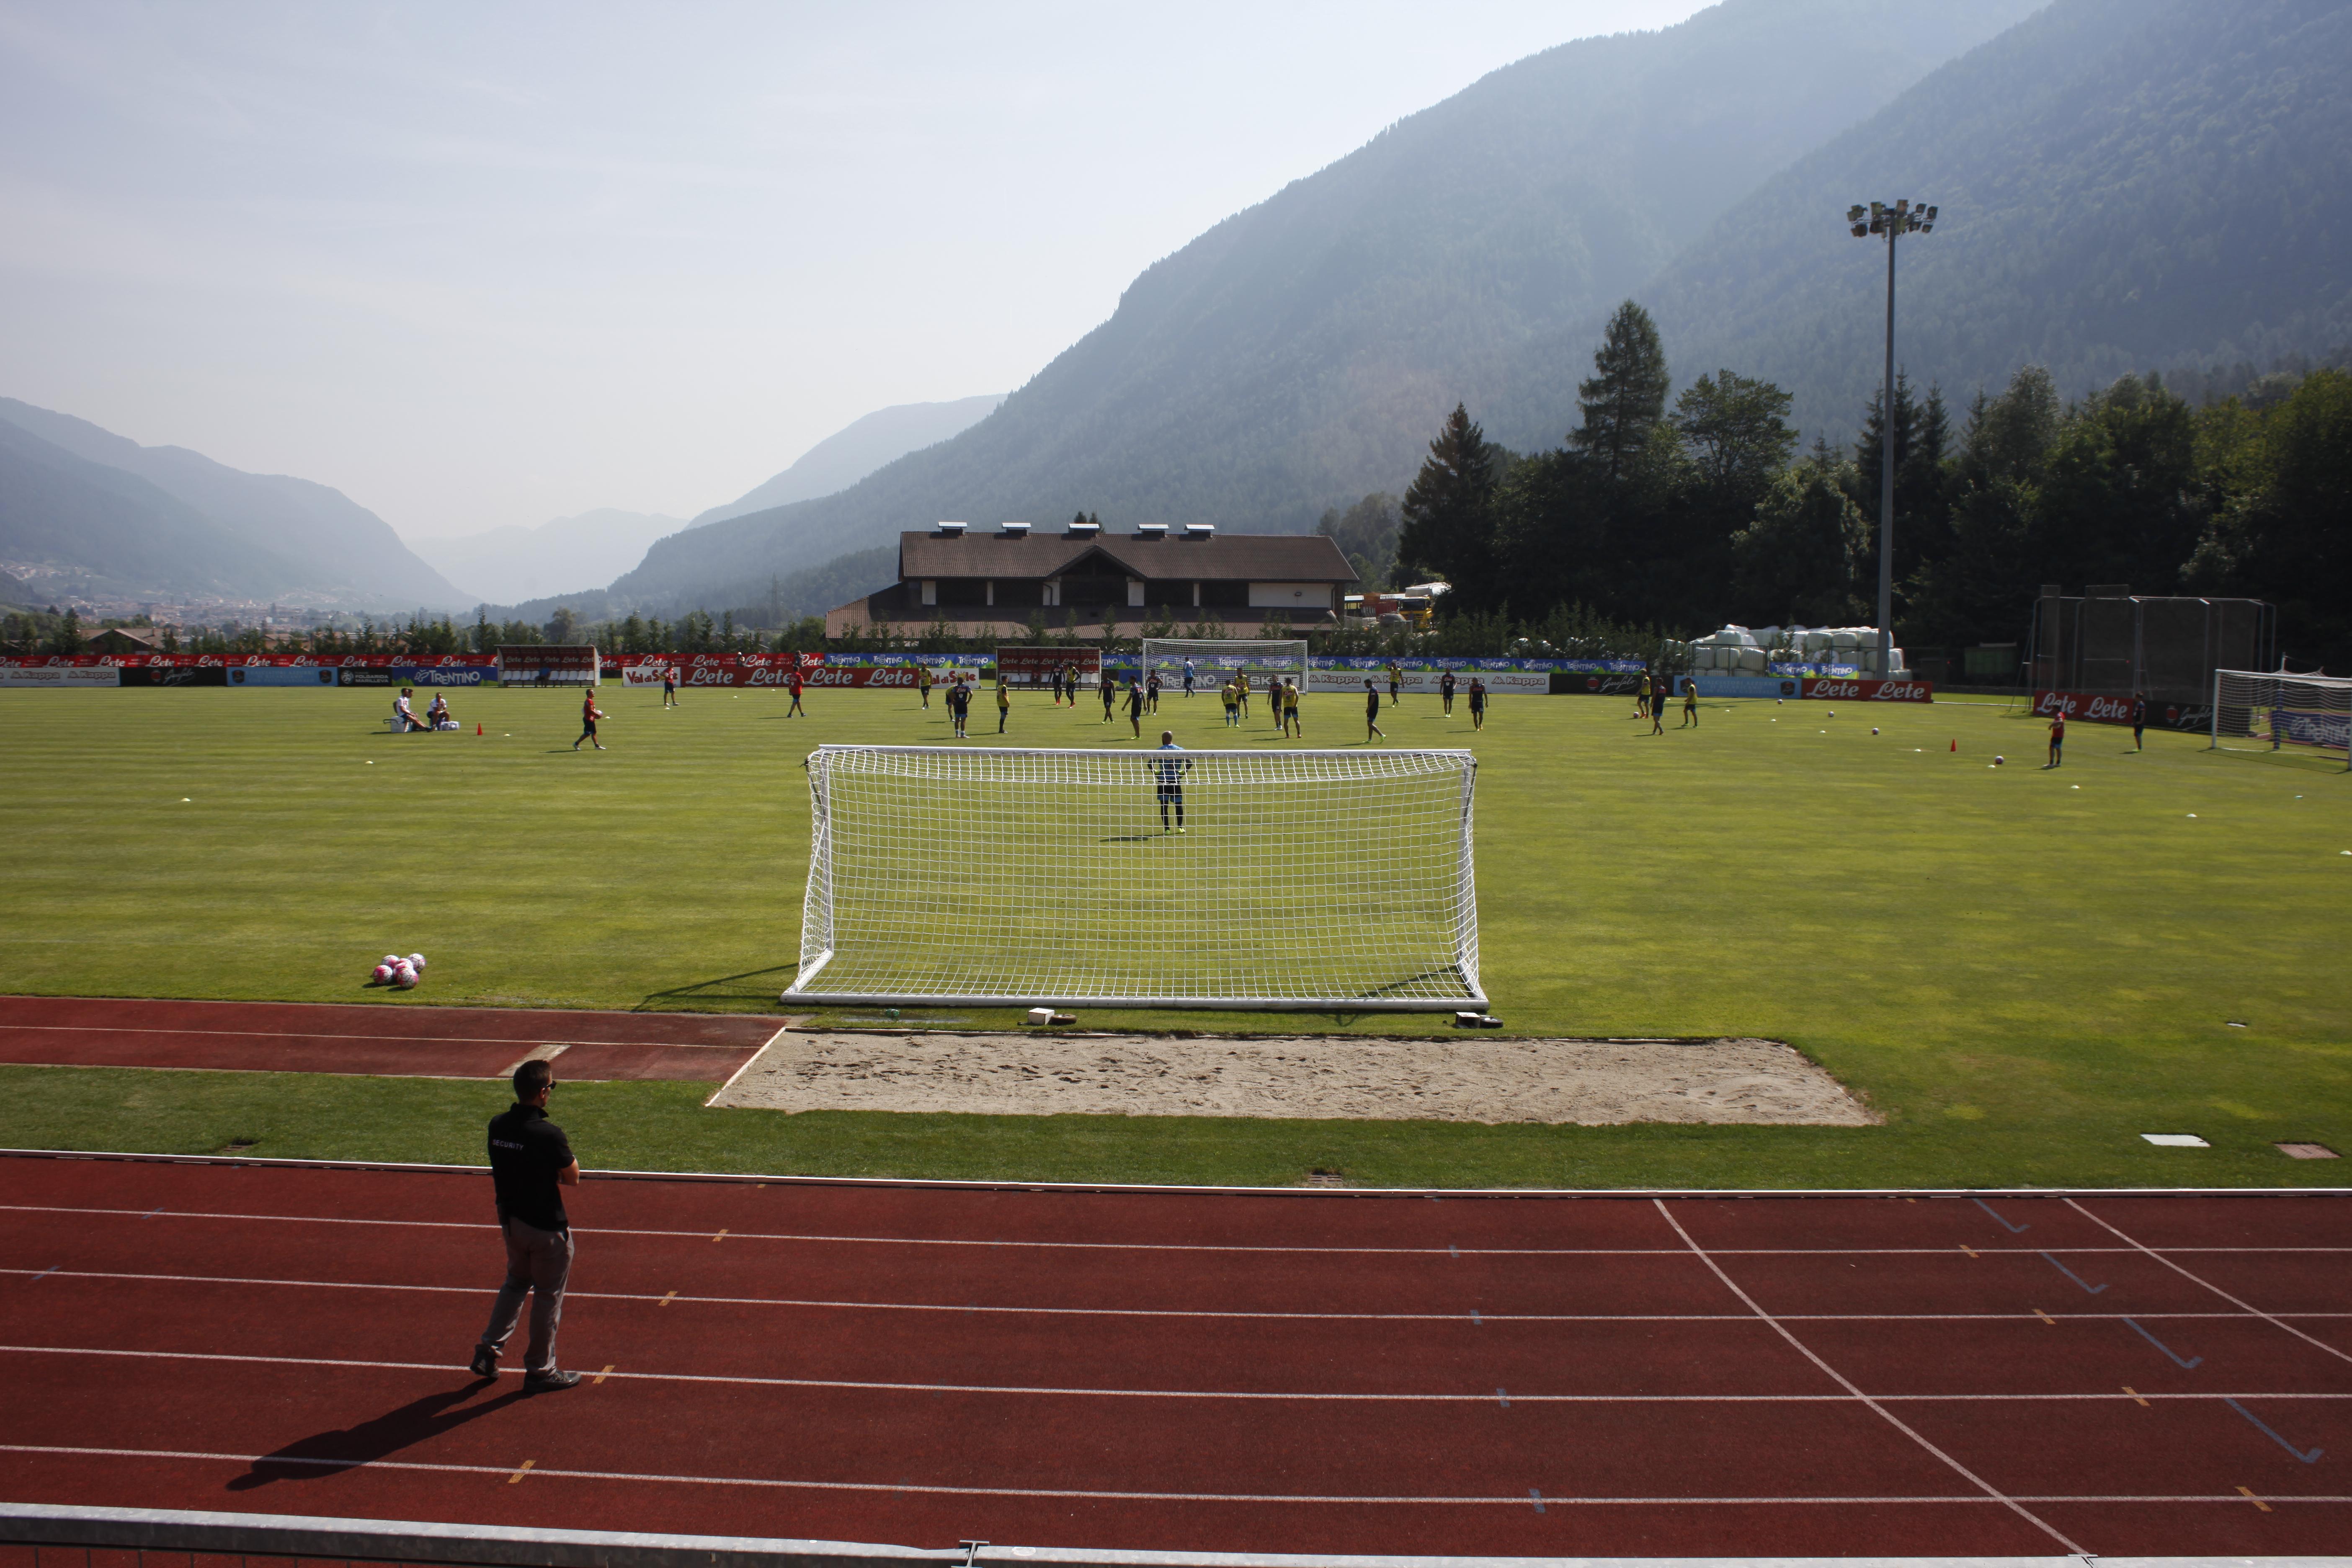 Allenamento del Napoli, in gol Gabbiadini e Insigne (Foto)